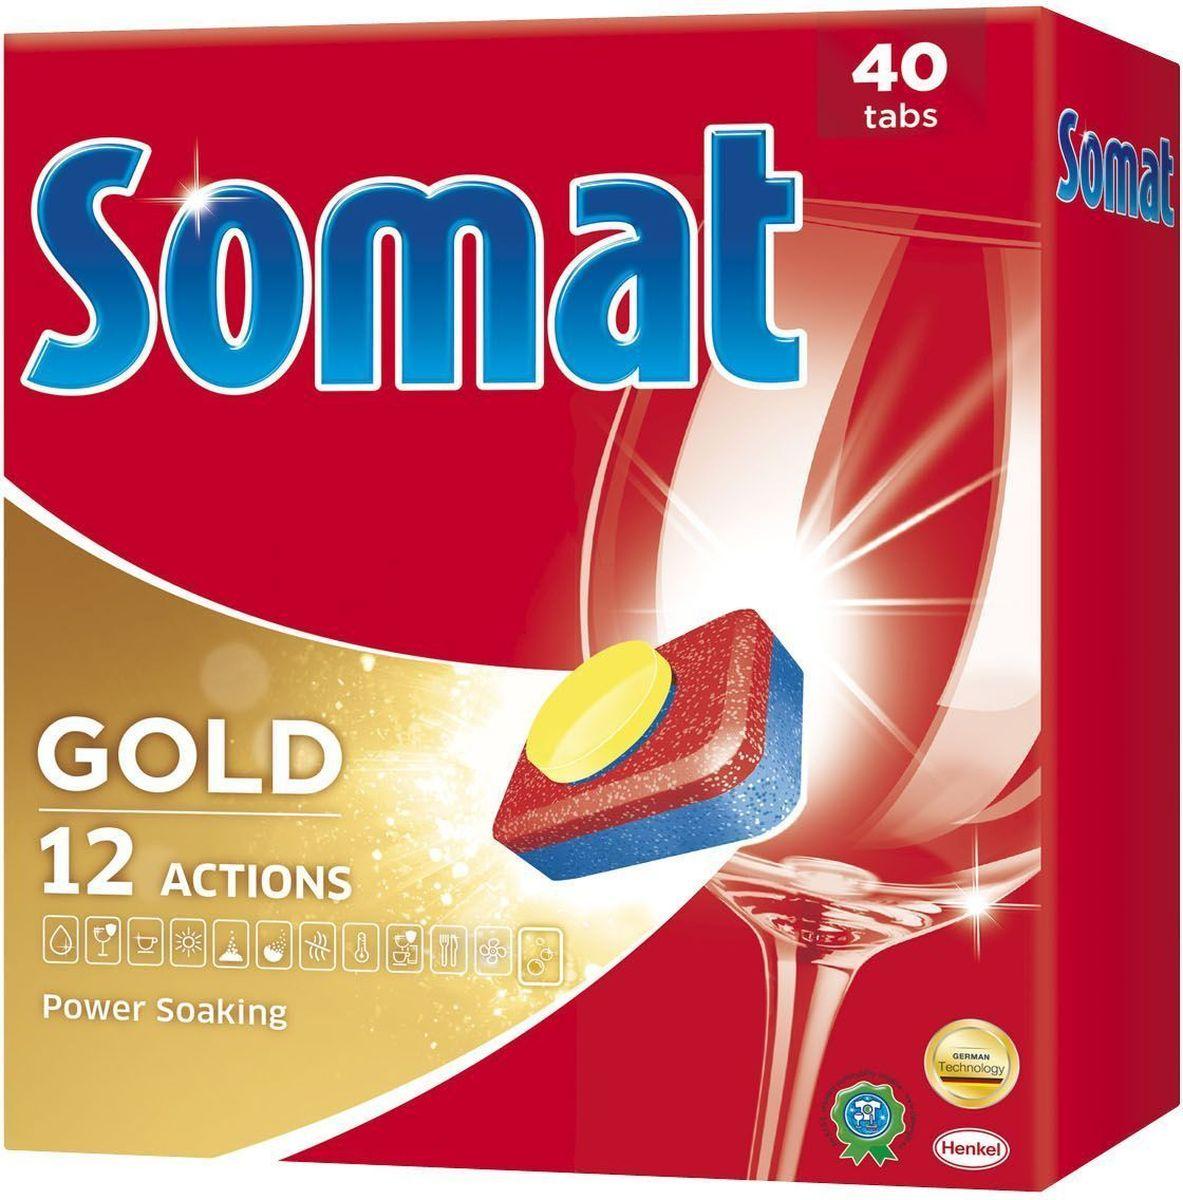 Cредство для посудомоечной машины Somat Gold, 40 шт935277Сомат Голд с миллионом активных частиц обеспечивает безупречный результат, легко справляясь с грязью и жиром и устраняя засохшие остатки пищи, как если бы вы предварительно замачивали и опласкивали посуду и включает следующие функции:Очиститель - для великолепной чистоты.Функция ополаскивателя - для сияющего блеска.Функция соли - для защиты посуды и стекла от известкового налета.Удаление пятен от чая.Защита посудомоечной машины против известковых отложений.Активная формула Эффект замачивания помогает устранить засохшие остатки пищи.Защита против коррозии стекла.Блеск нержавеющей стали и столовых приборов.Обеспечивает гигиеническую чистоту. Дозировка: 1 таблетка для любых видов загрязнений. Для очень жёсткой воды (>21 °dH) рекомендуется использовать 1 таблетку плюс Сомат соль и Сомат Ополаскиватель. Жесткость воды в вашем регионе можно узнать в службе Роспотребнадзора